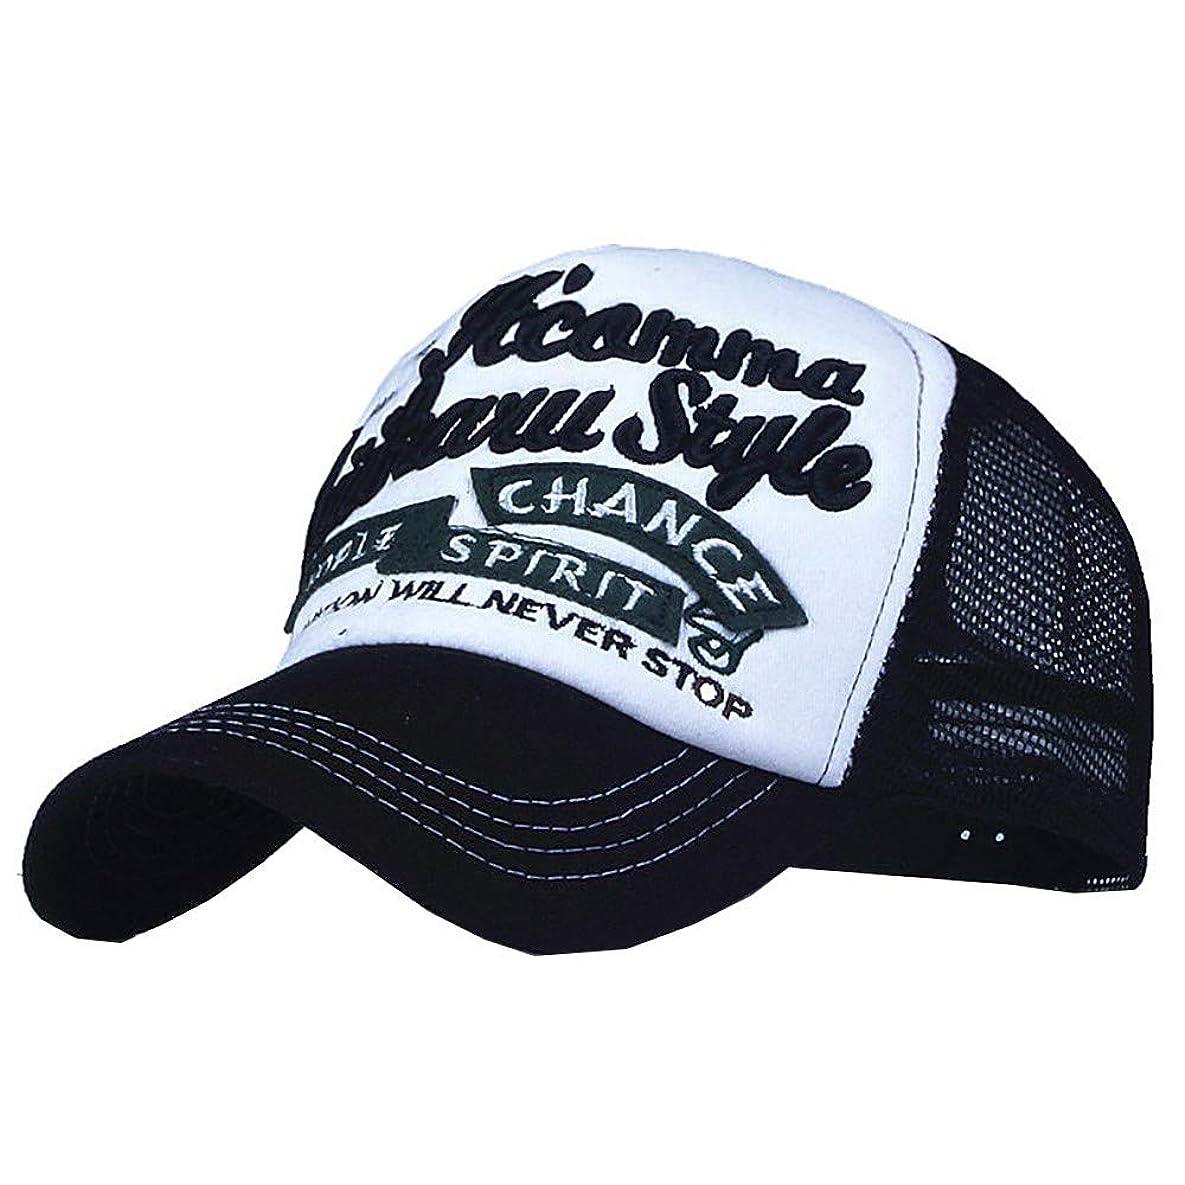 アセンブリ首快いRacazing パッチワーク 野球帽 ヒップホップ メンズ 夏 登山 帽子メッシュ 可調整可能 プラスベルベット 棒球帽 UV 帽子 軽量 屋外 Unisex 鸭舌帽 Hat Cap